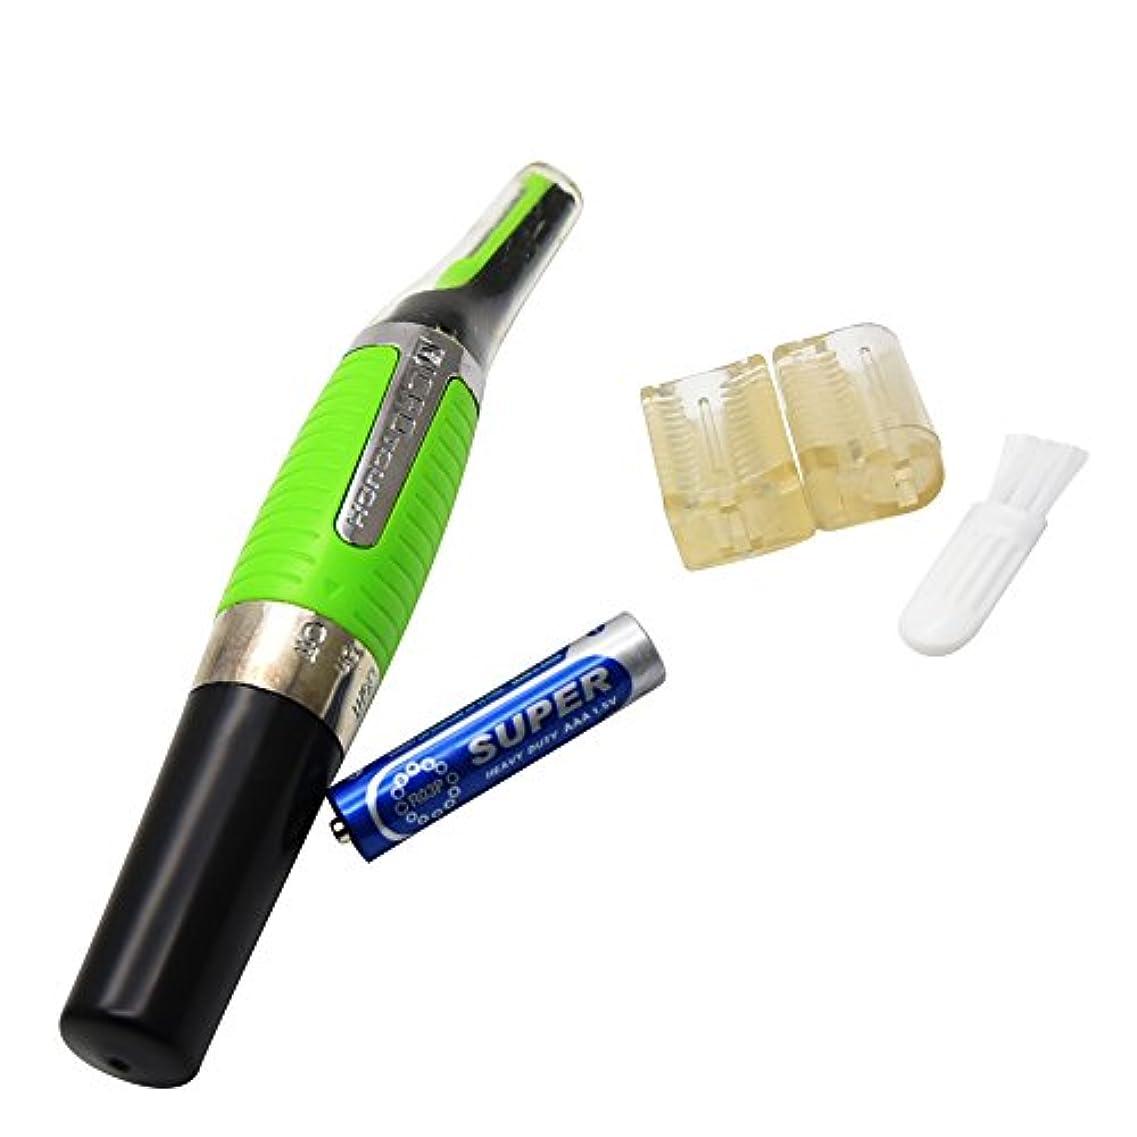 電子ドキドキトライアスリートMajestic 電動 鼻毛カッター 小型 シェーバー 眉毛 耳毛 髭 もみあげ ムダ毛処理 ヘッド水洗い可 LEDライト付き 電池式